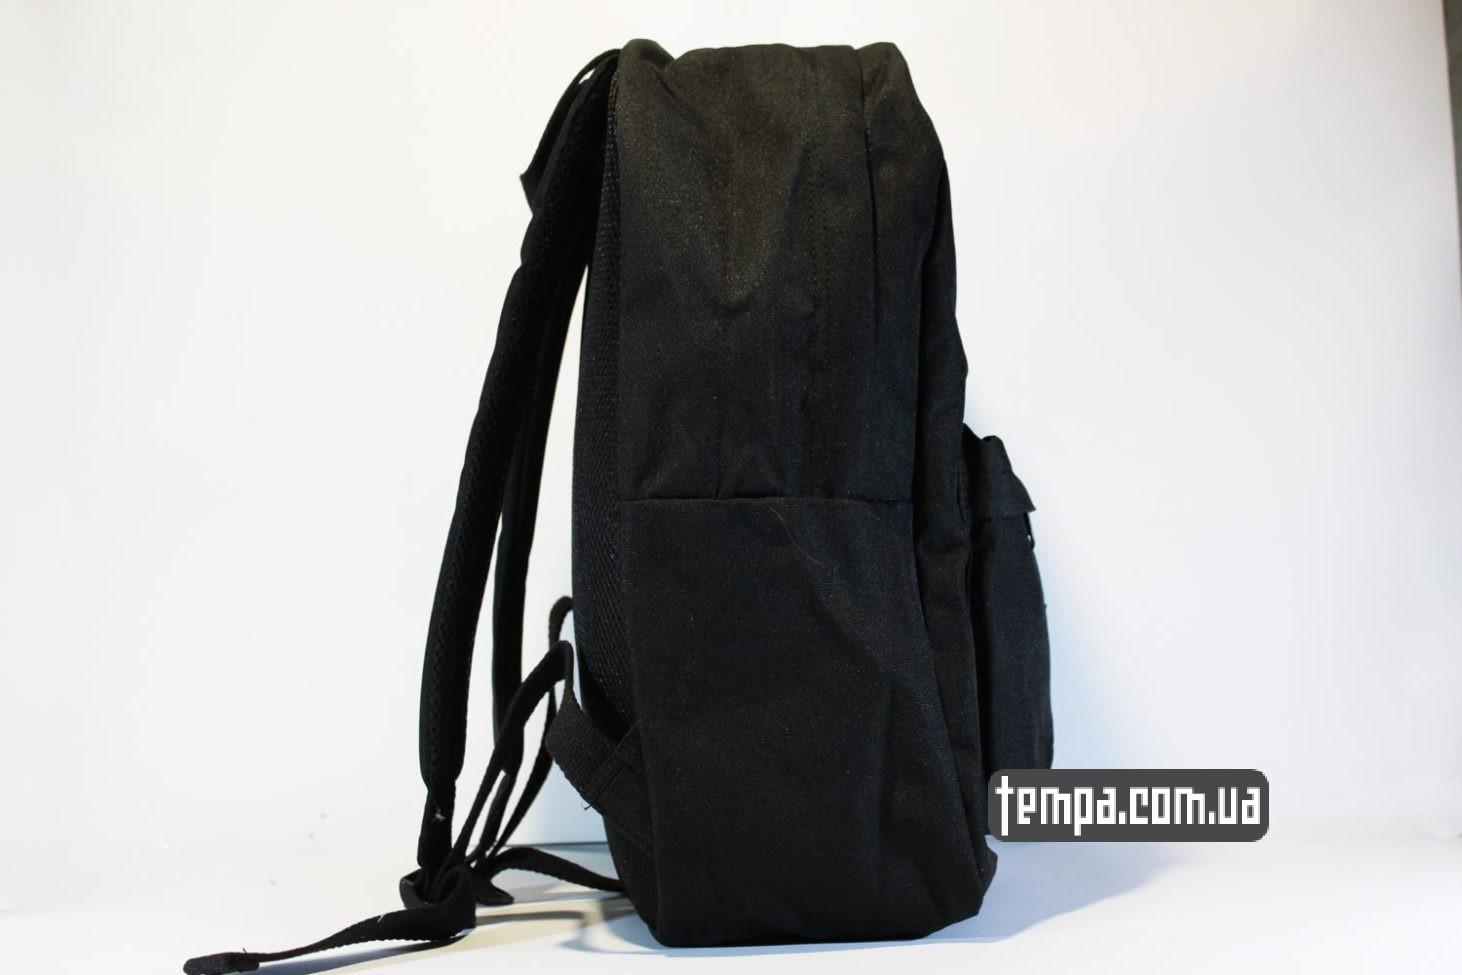 киев одесса харьков магазин карахрт рюкзак Carhartt black backback черный купить Украина